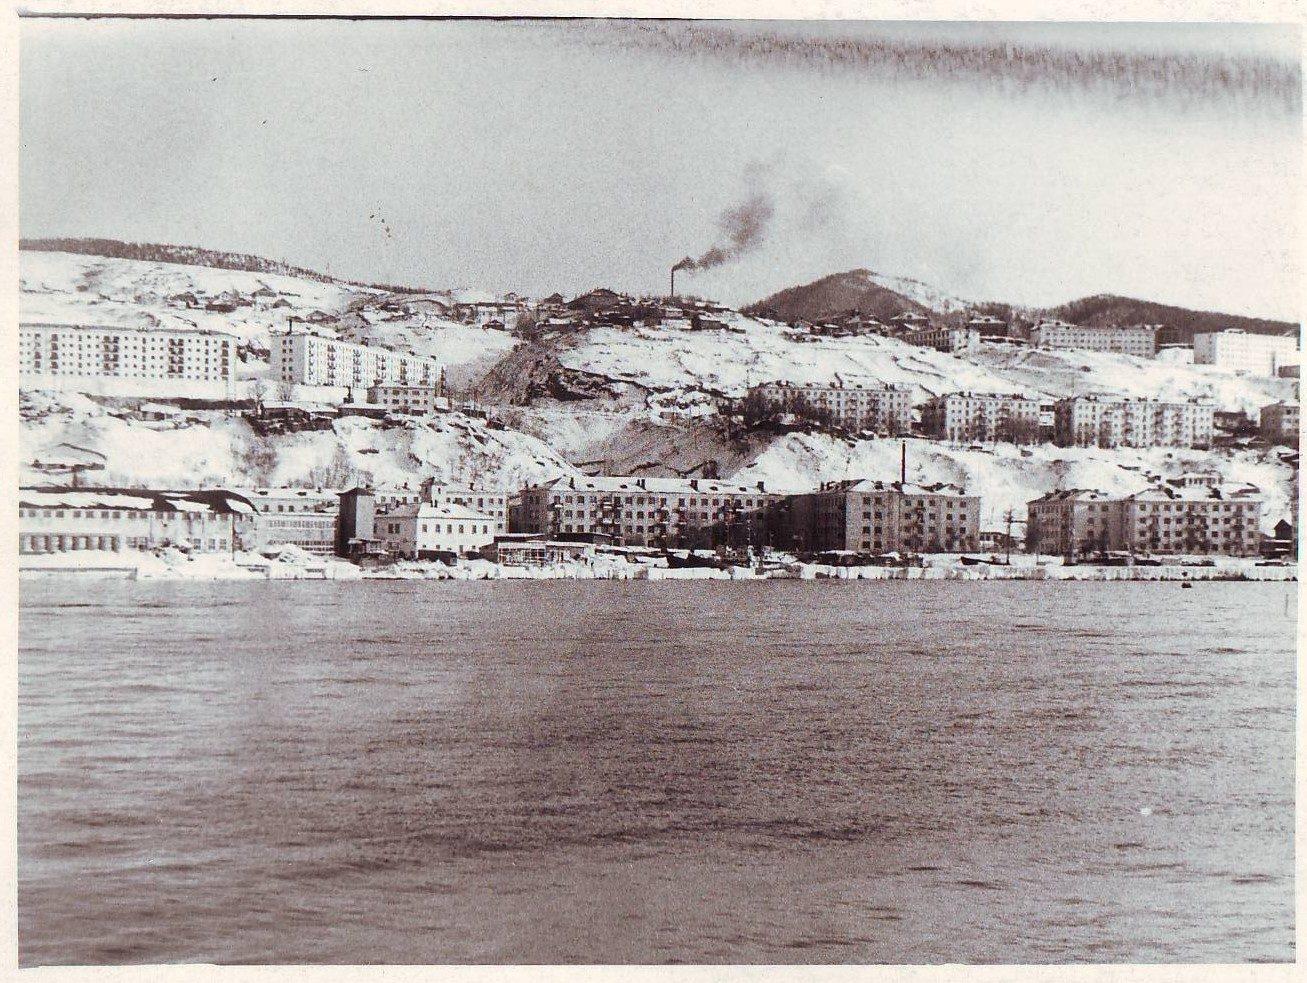 Фото с белого пирса. В левом углу лакабанка (Жестяно-баночная фабрика), правее пожарная часть, в правом углу площадь Мира.